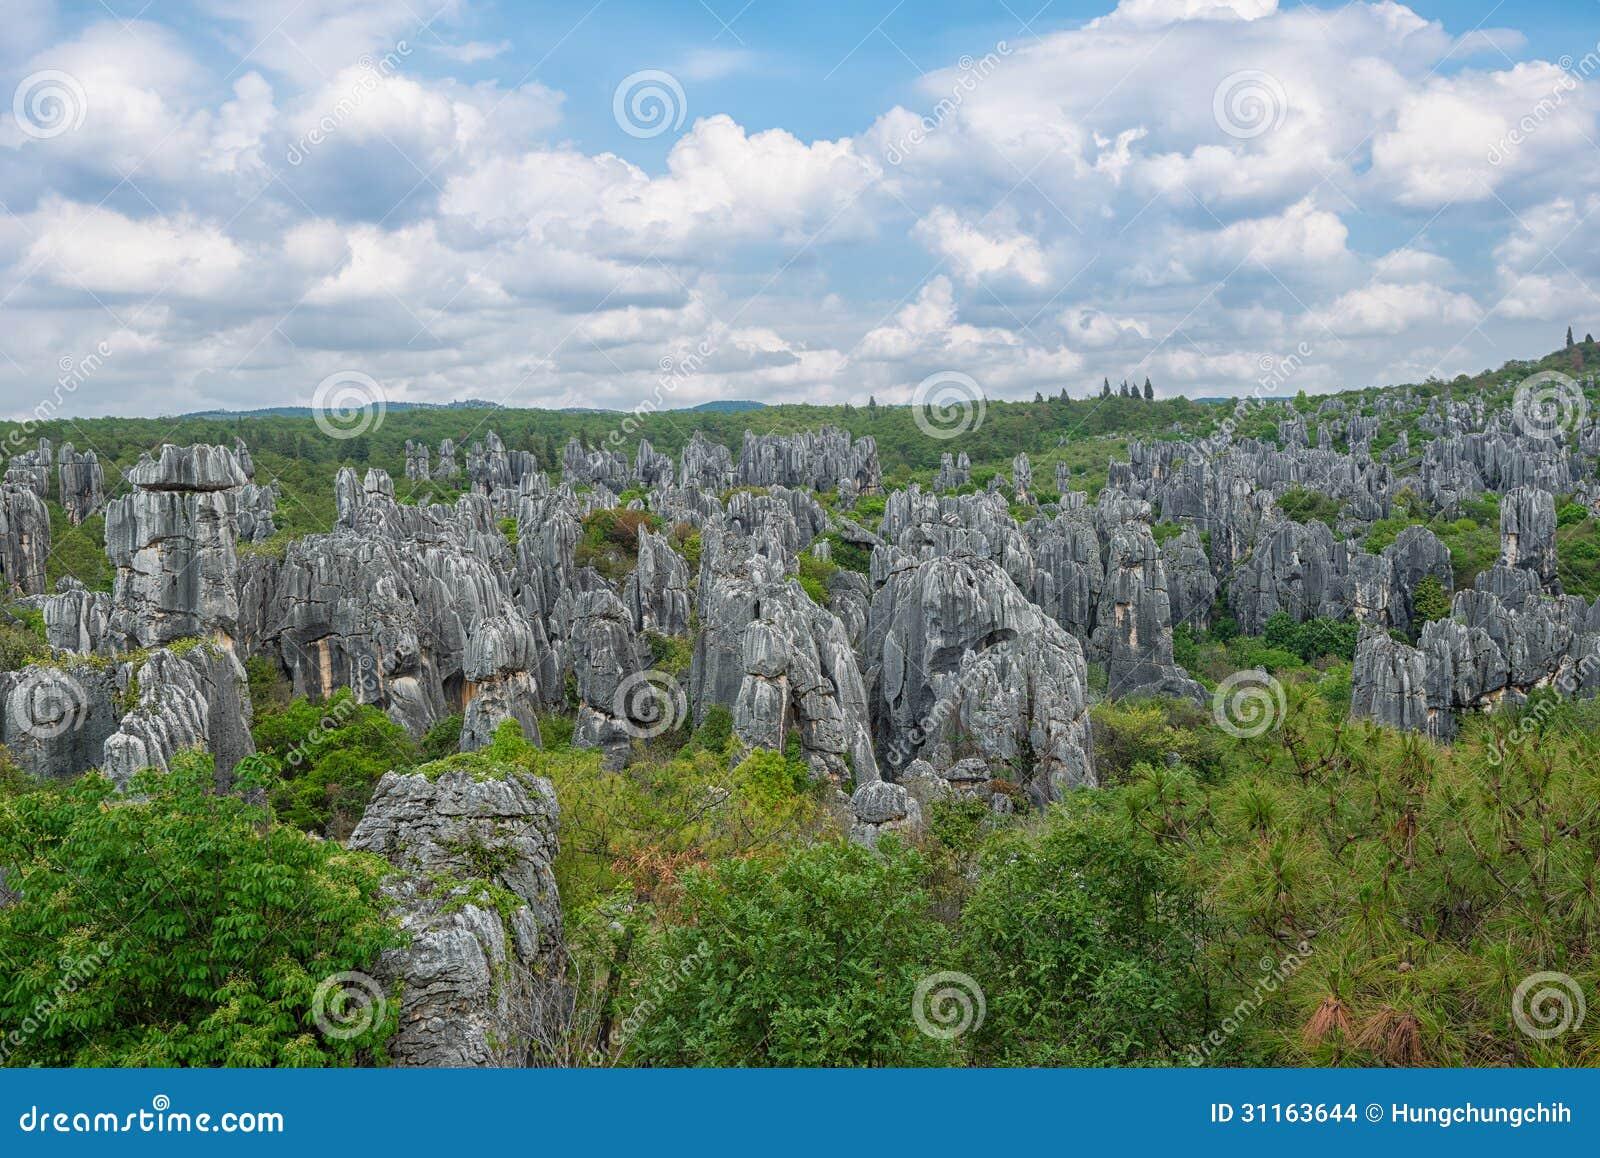 中国-石森林国家公园(联合国科教文组织世界遗产名录)的自然风景.图片